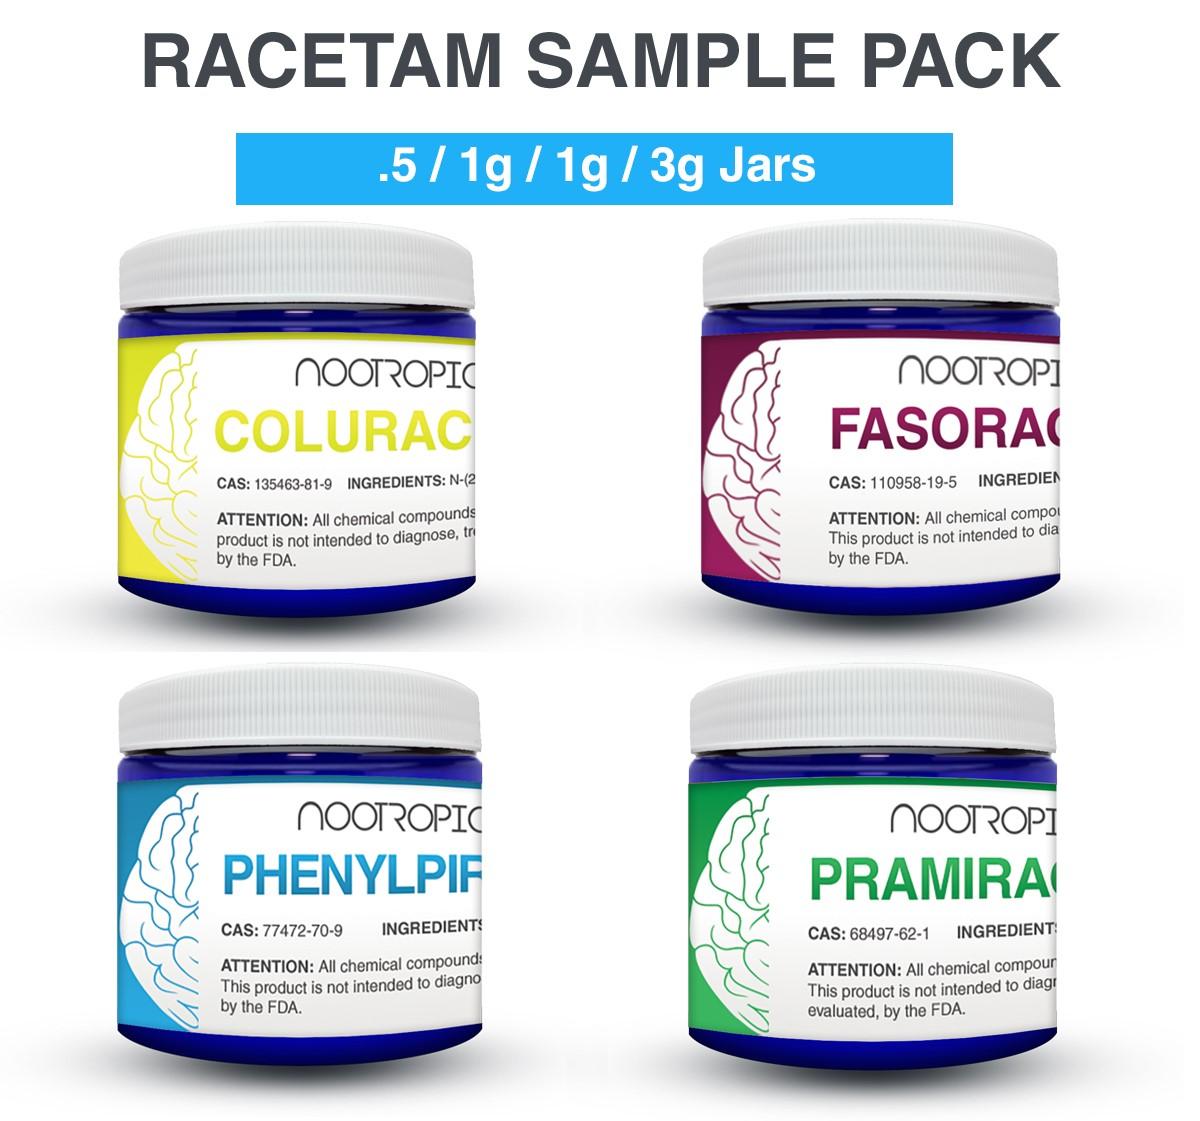 Nootropic Sample Packs